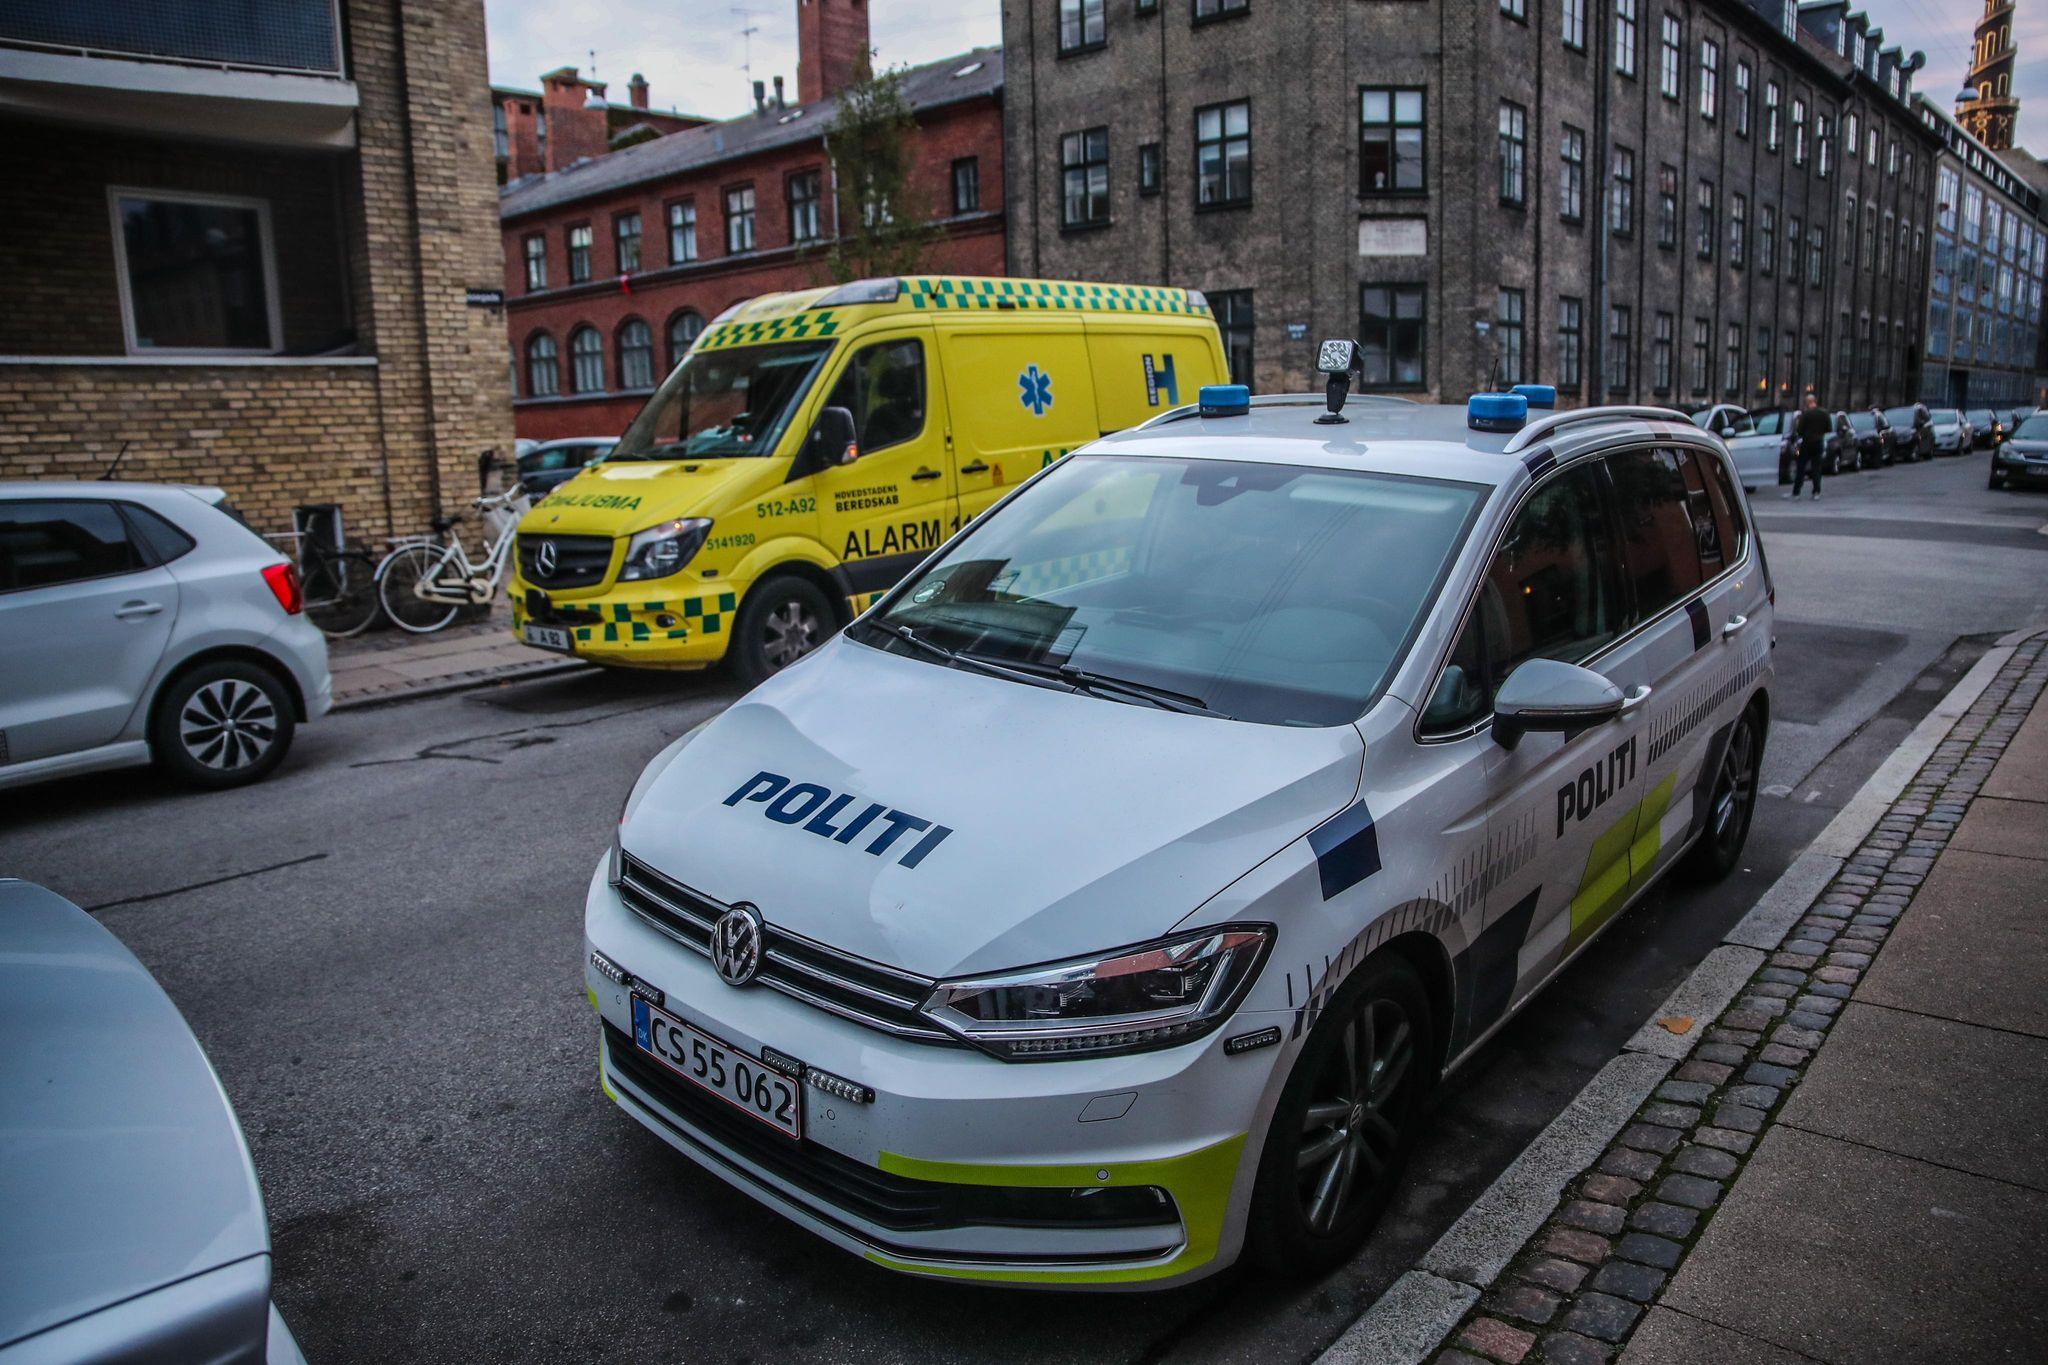 Politi og redning i København